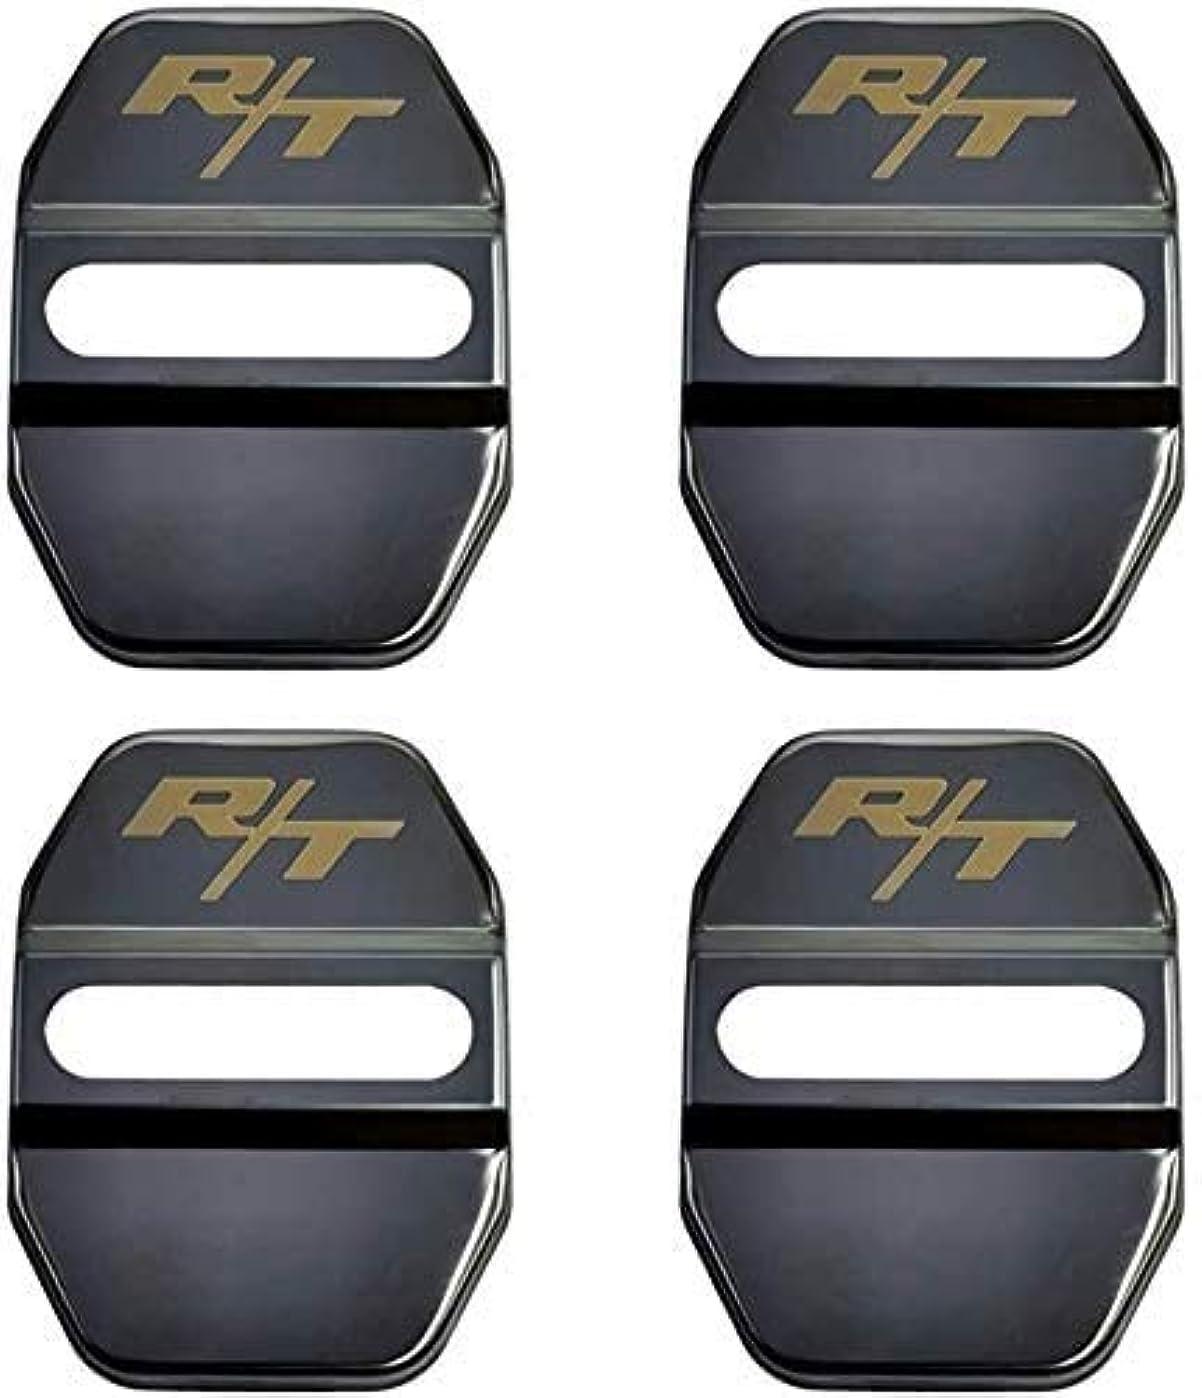 三熟達エネルギー4本ロックドアロックステンレスカバー、RT、ストライカードアロックドアカバー錆保護バックル (Color : Black)